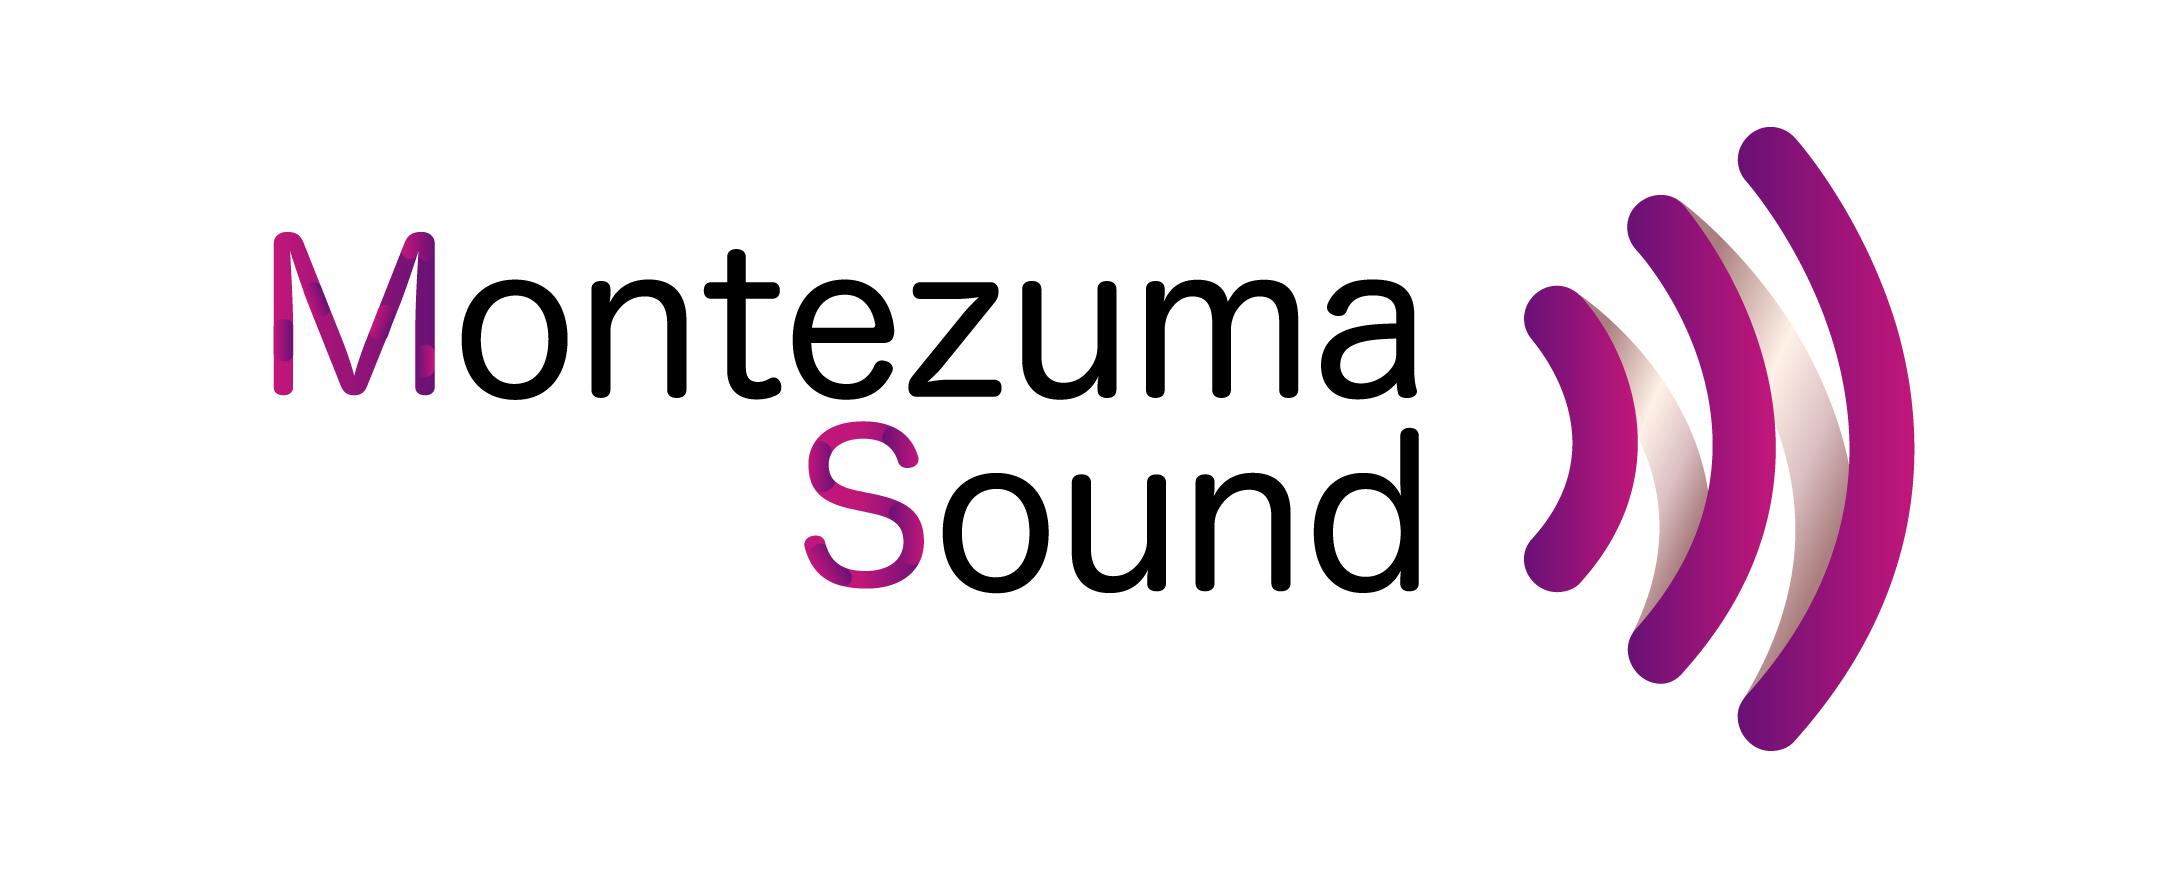 Montezuma Sound